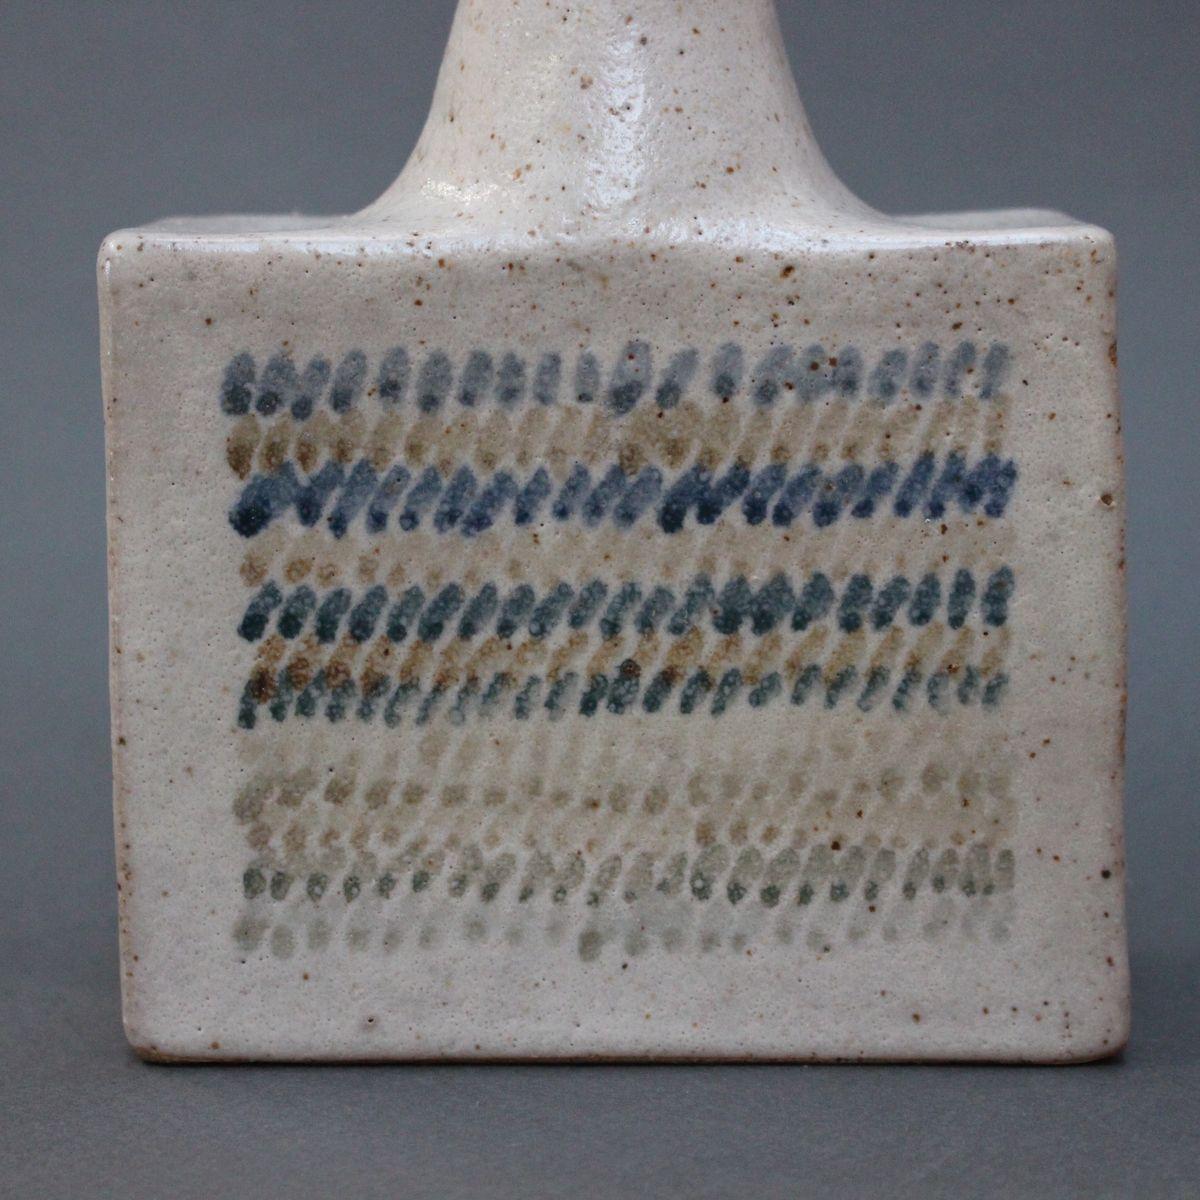 vintage keramik vase mit geometrischem design von bruno gambone bei pamono kaufen. Black Bedroom Furniture Sets. Home Design Ideas